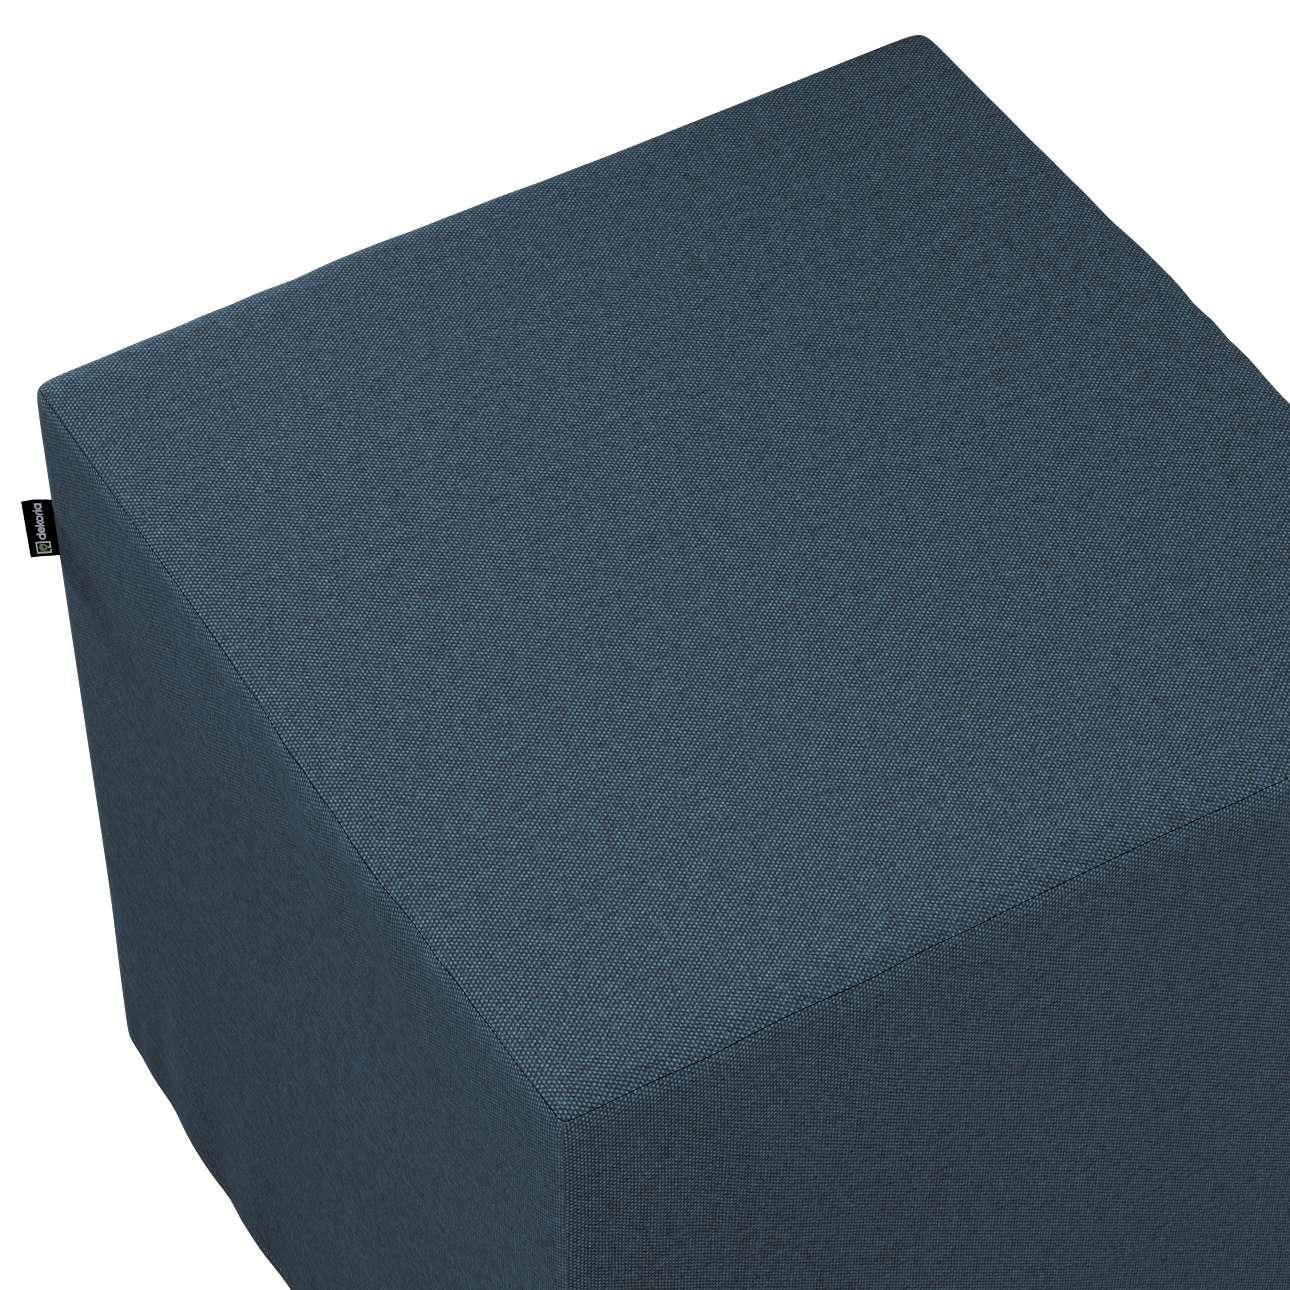 Siddepuf og fodskammel fra kollektionen Etna, Stof: 705-30